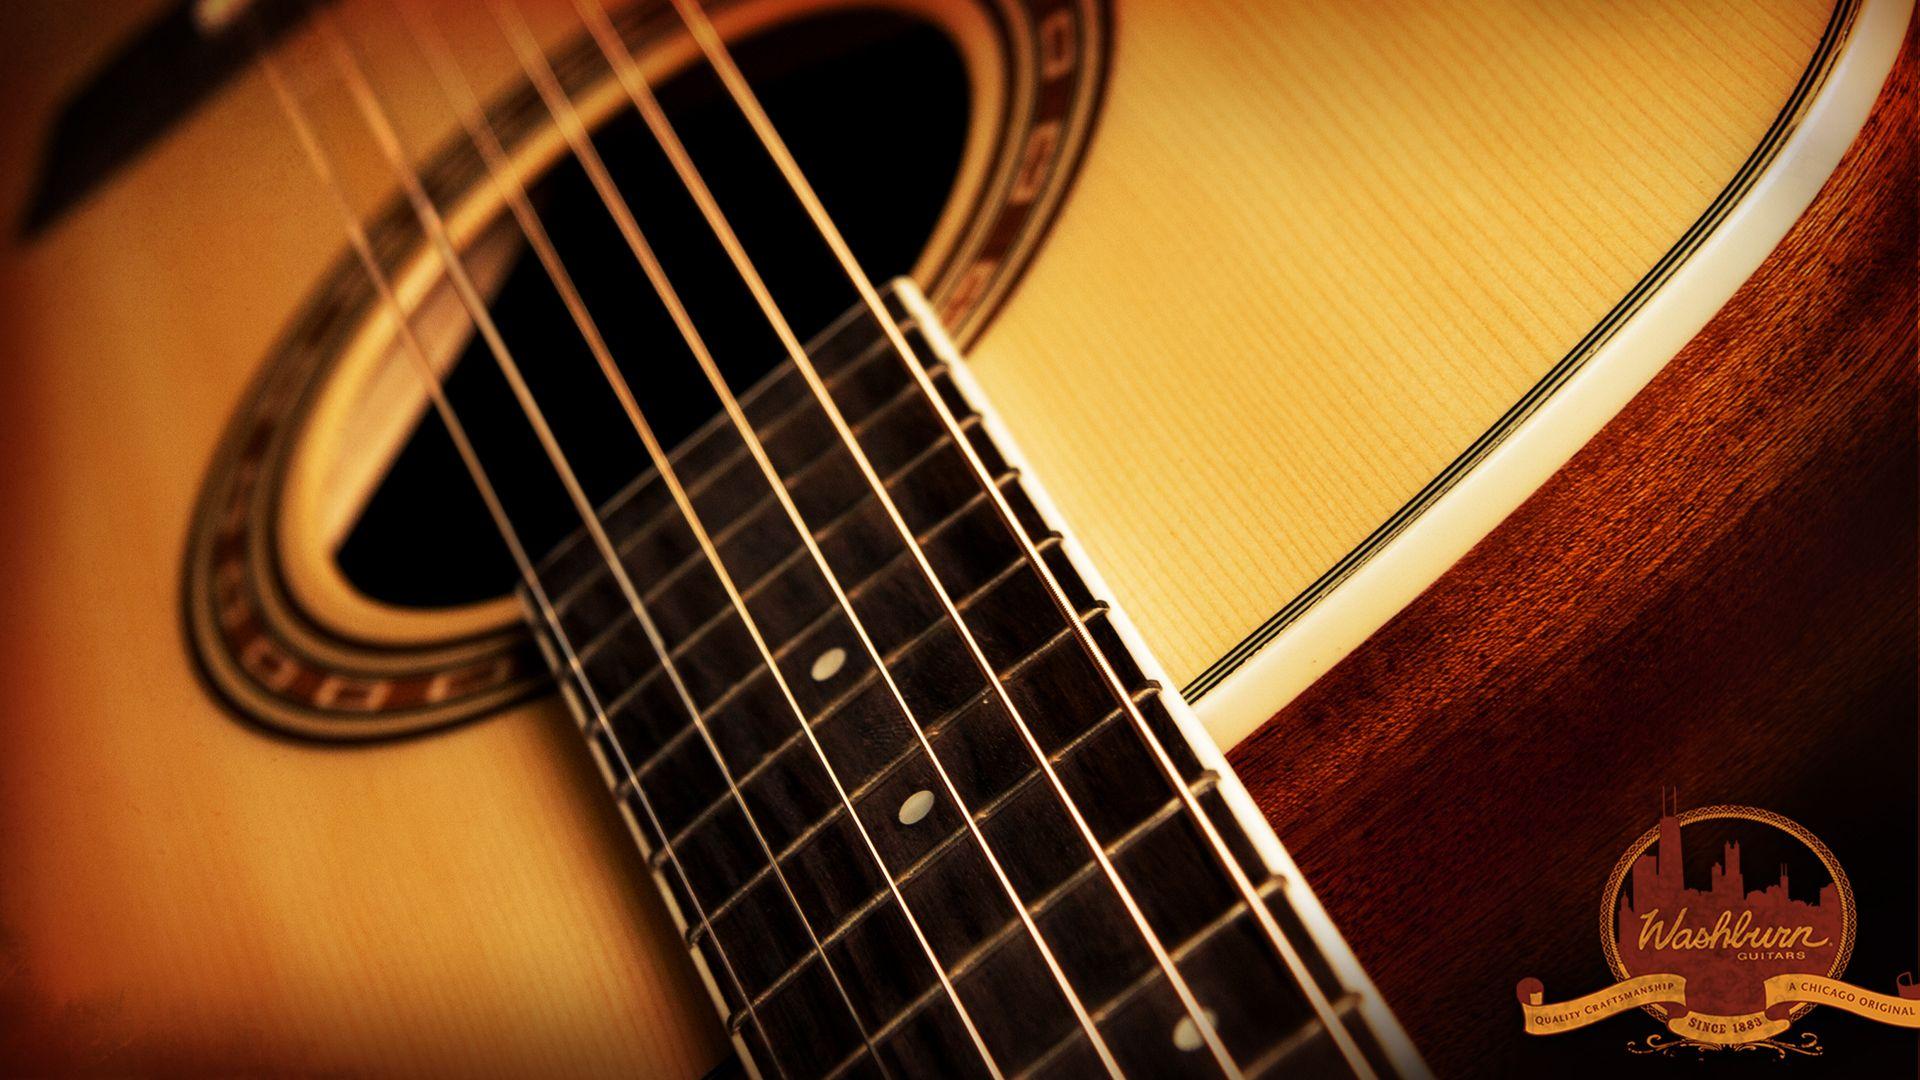 Washburn Guitars Wallpaper Guitar Cool Guitar Guitar Pics